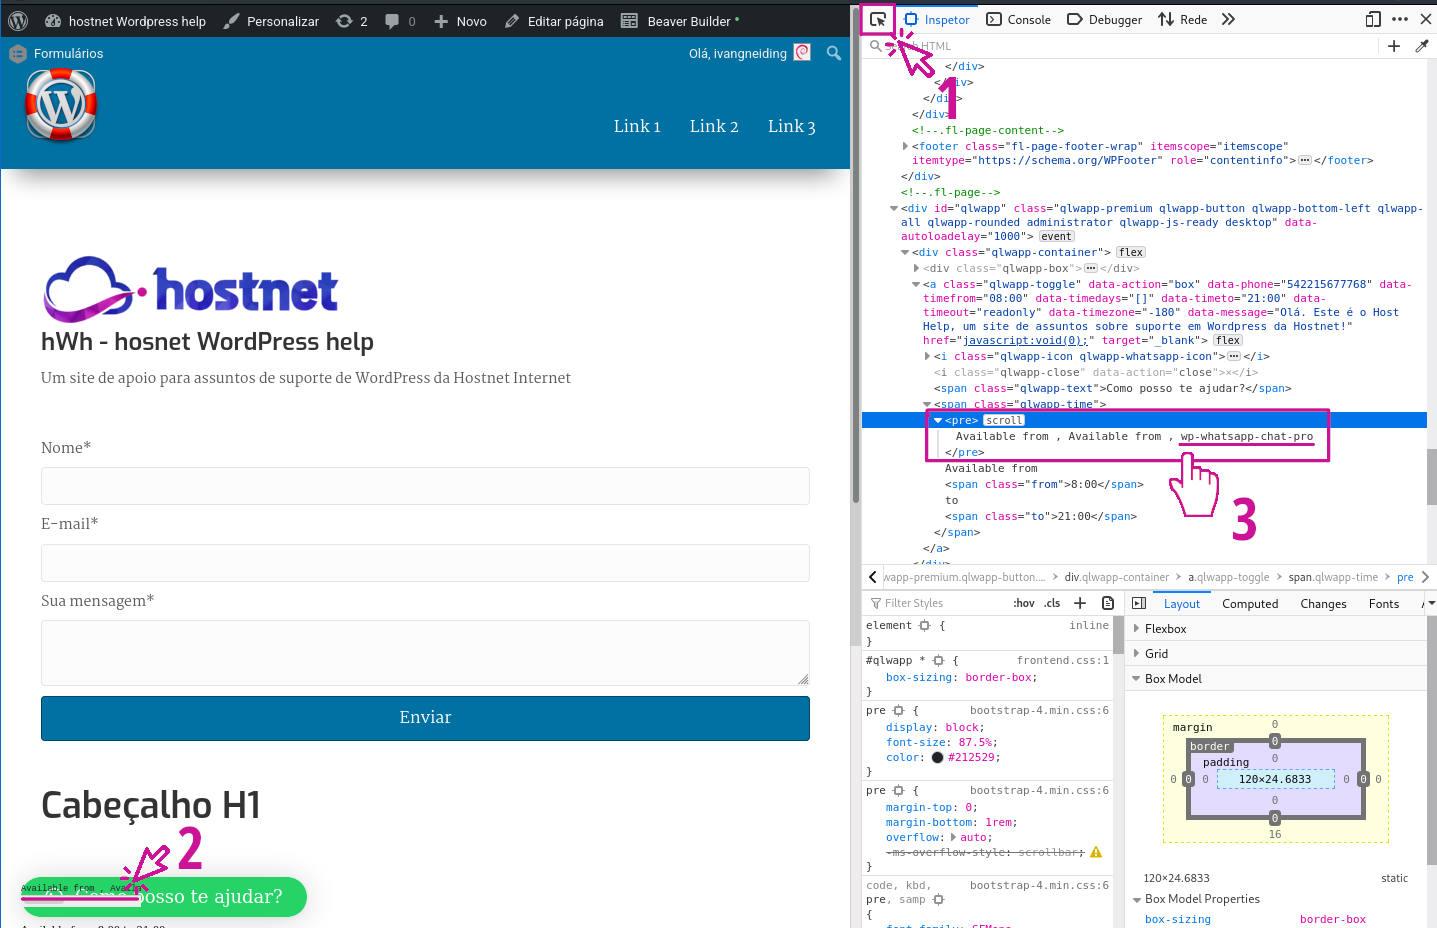 Capturando dominio para uso com hook no wordpress